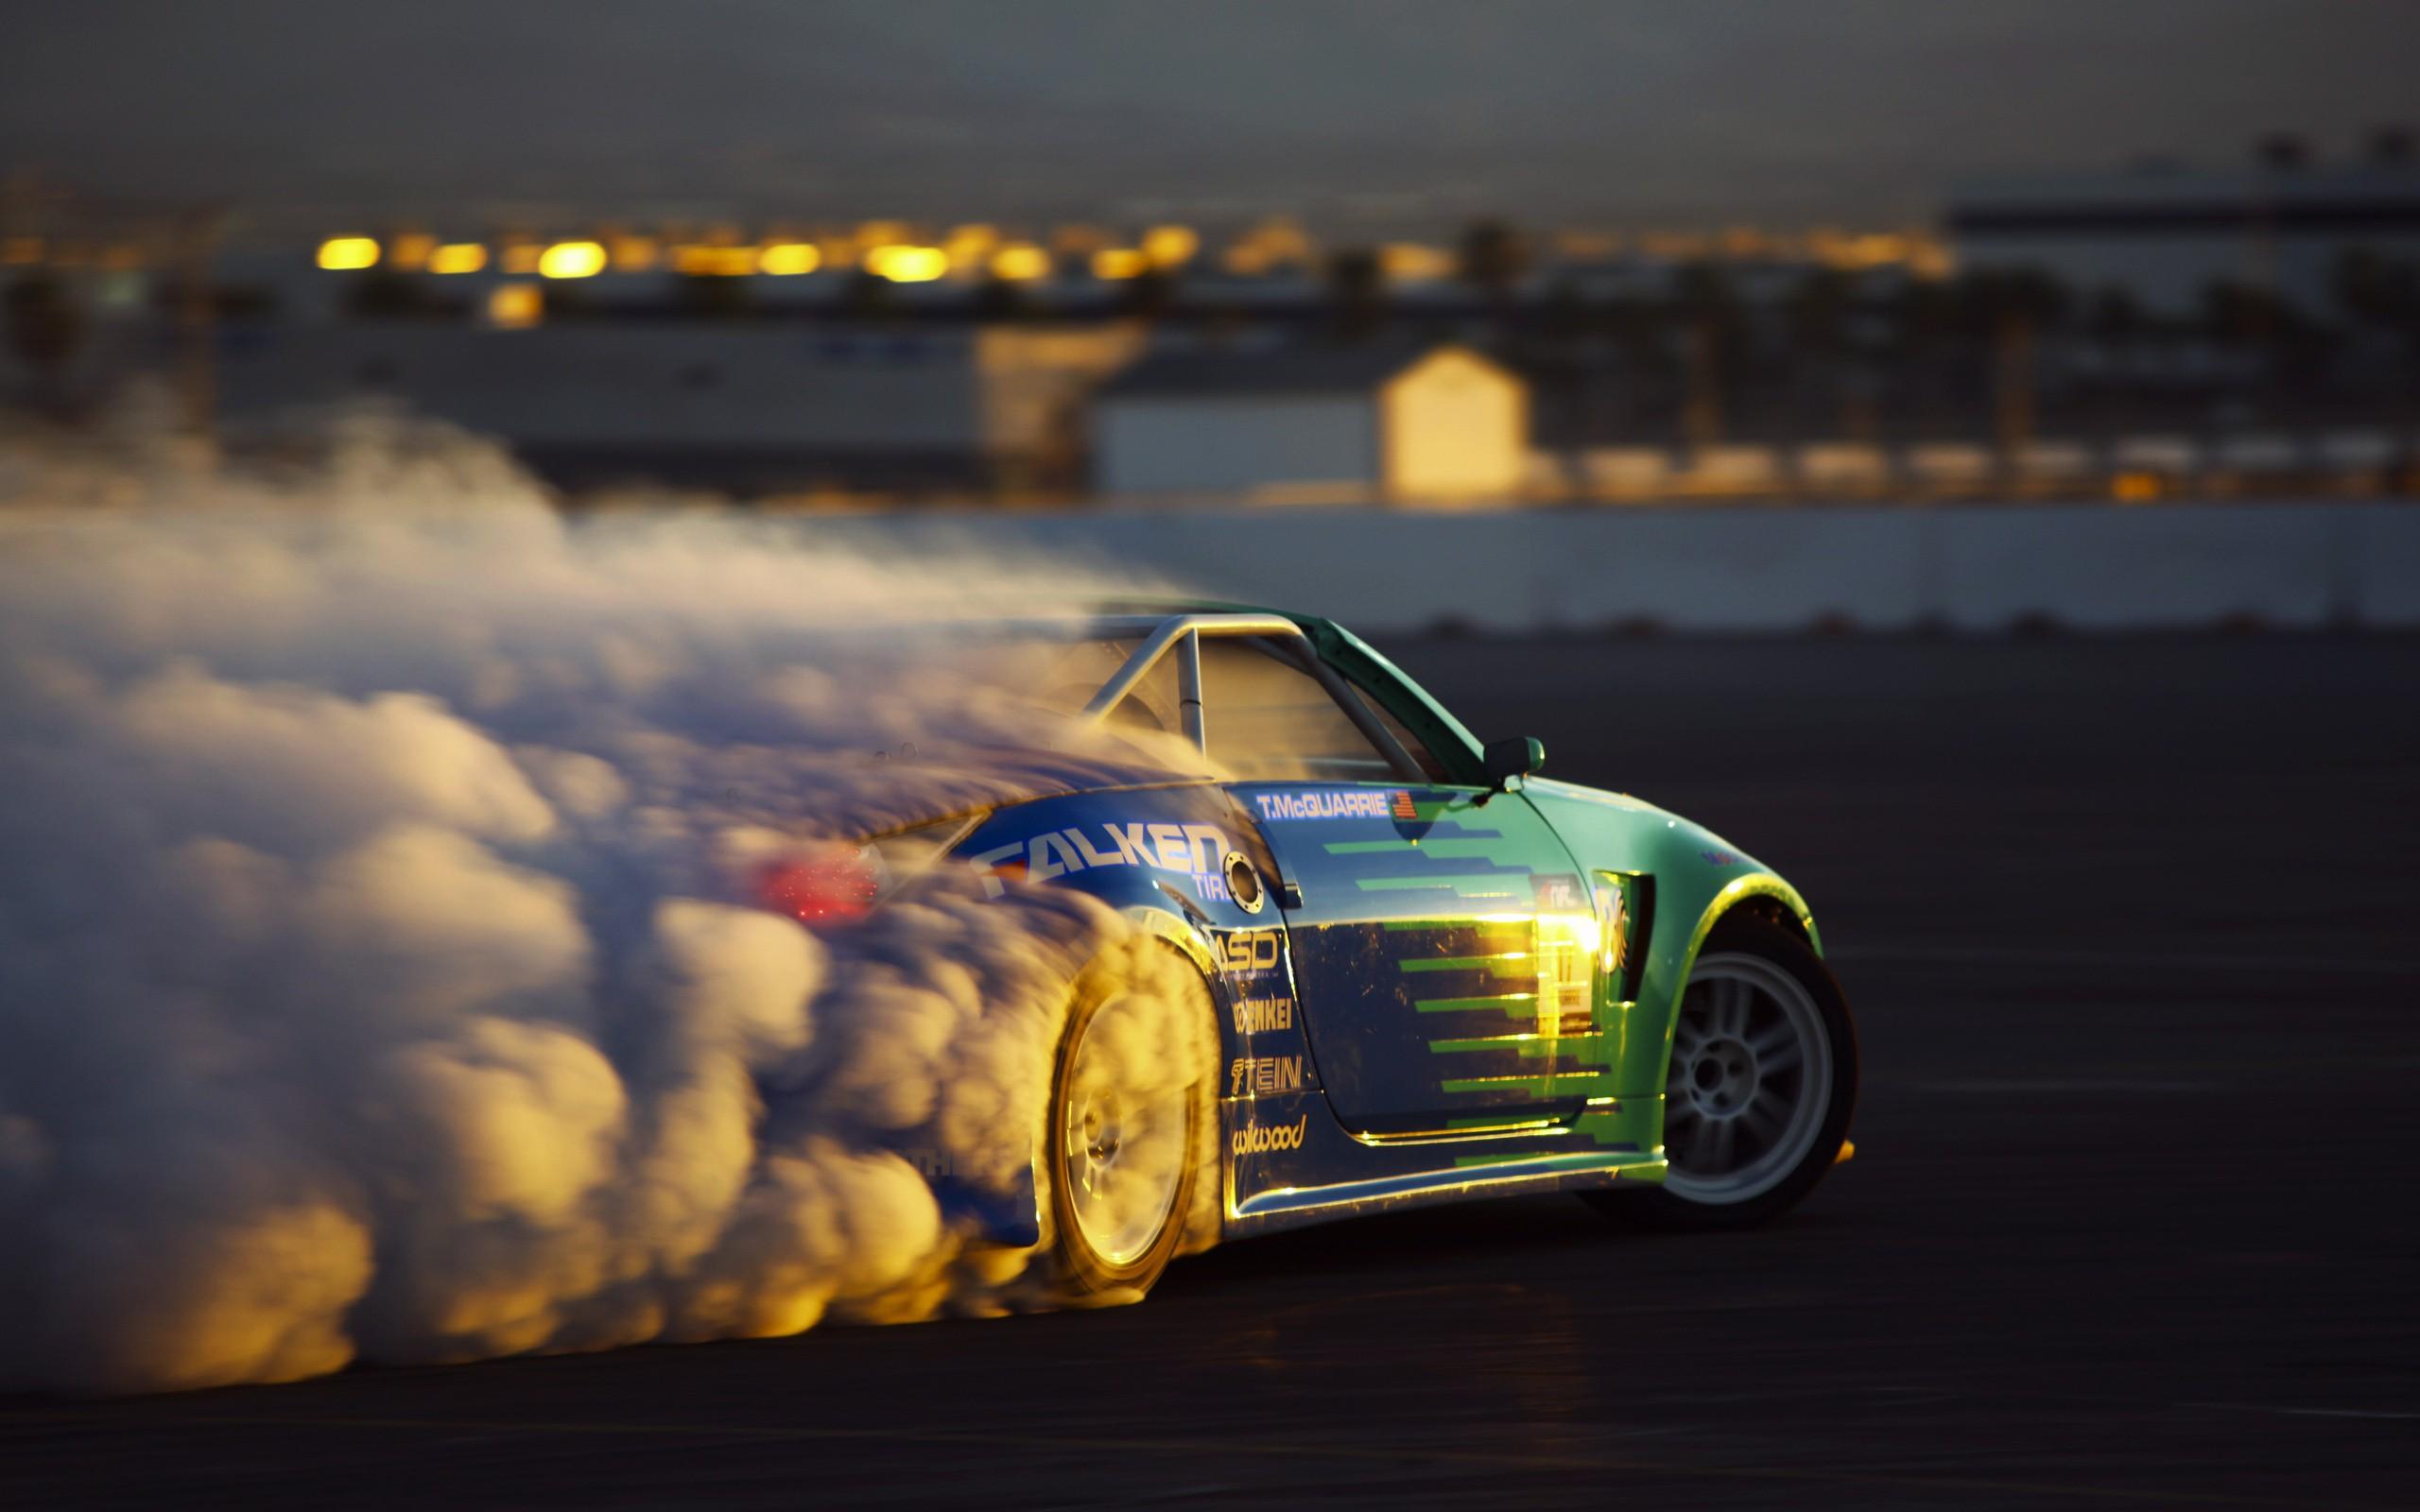 Cars Drifting Wallpaper 2560x1600 Cars Drifting Cars Vehicles 2560x1600